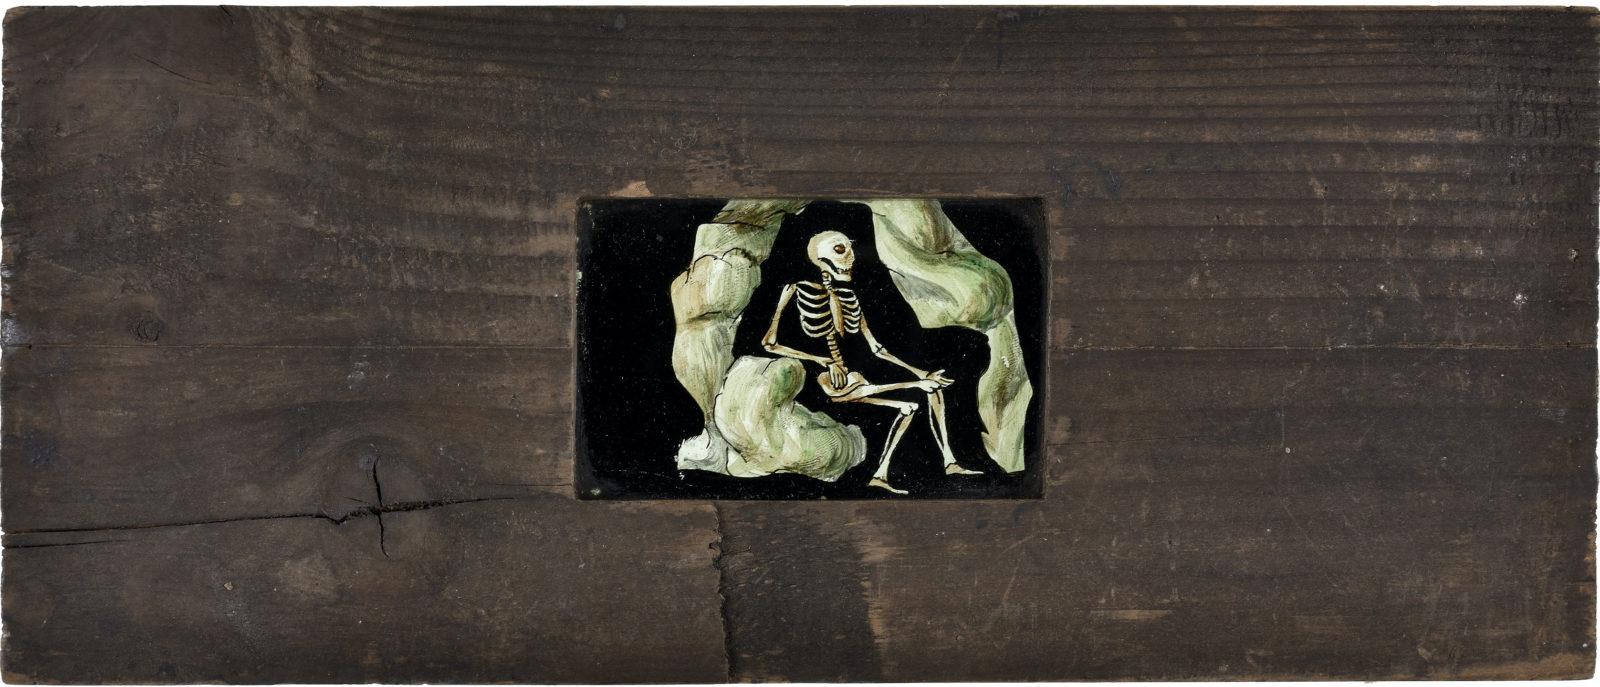 Plaques de fantasmagorie, vers 1800